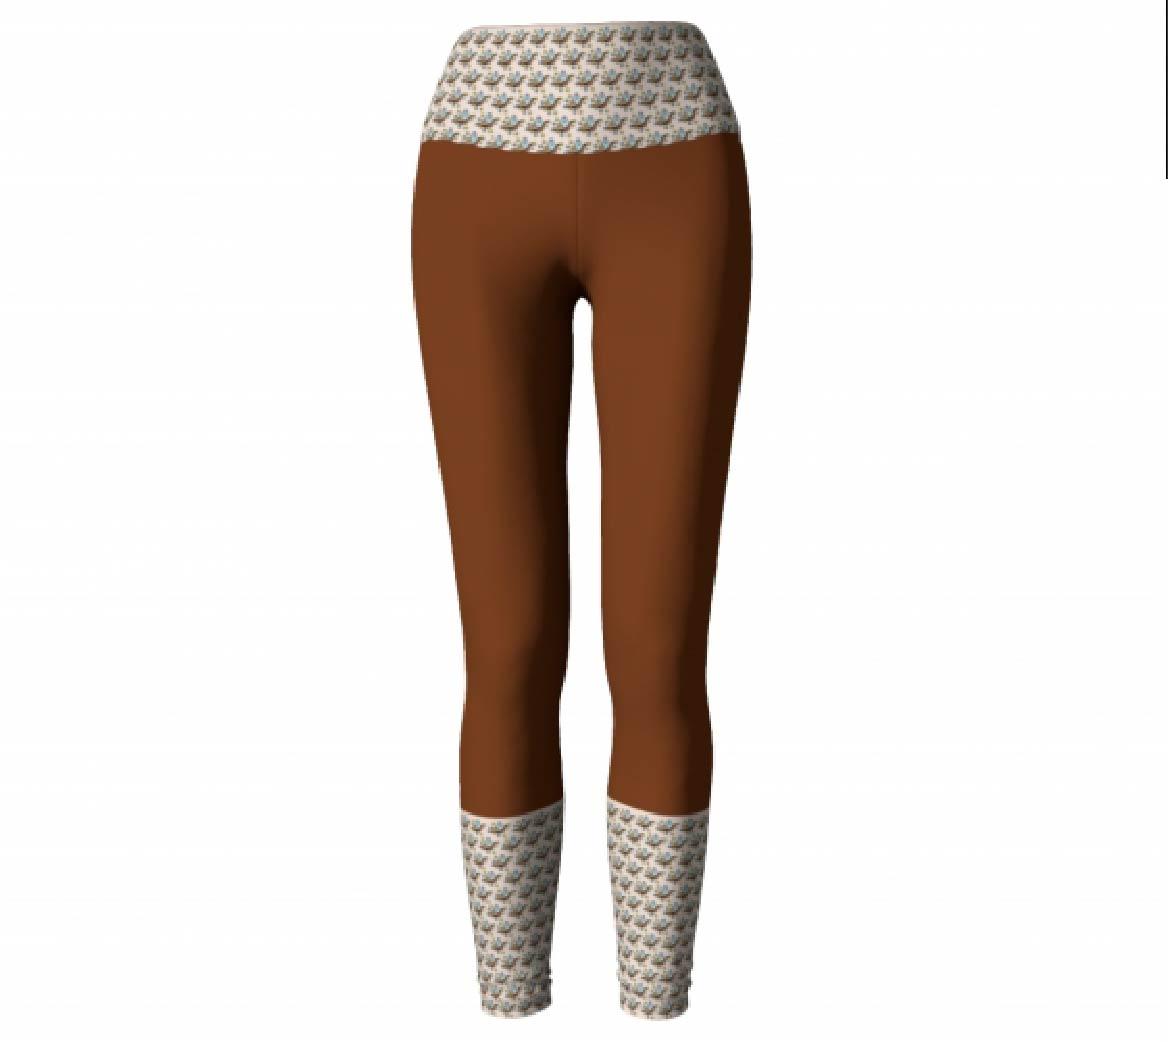 Rust Leggings #1          $45